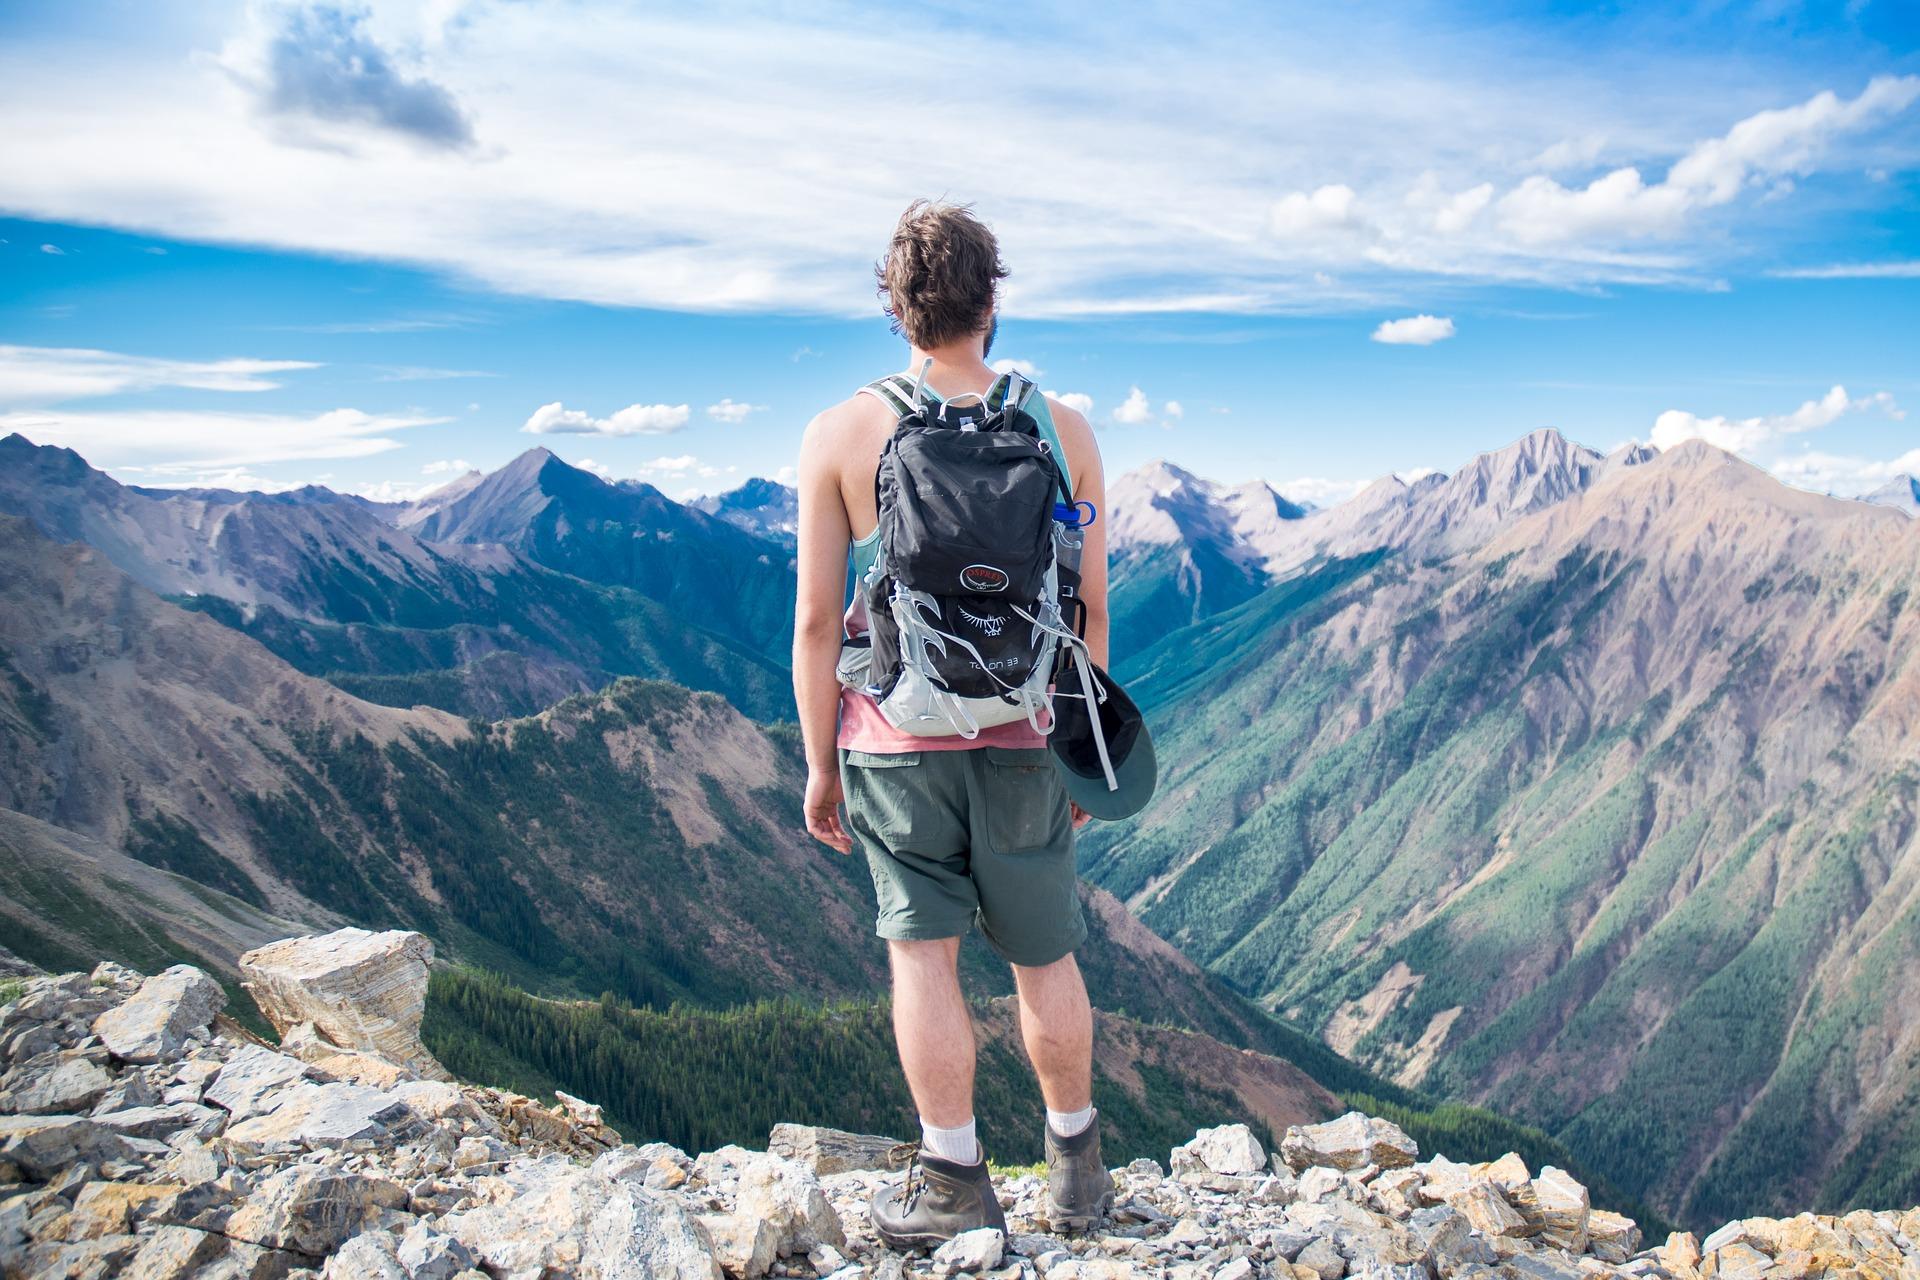 scegliere Abbigliamento da giusto come trekking quello drtrq